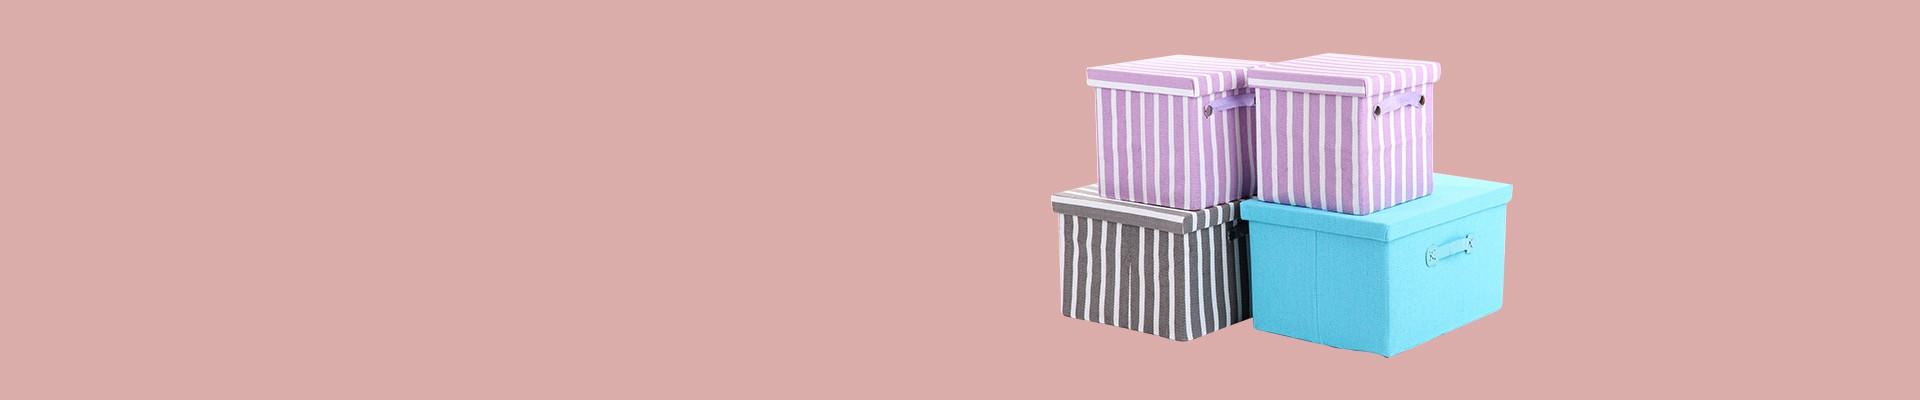 Jual Kotak Penyimpanan / Storage Box Terlengkap